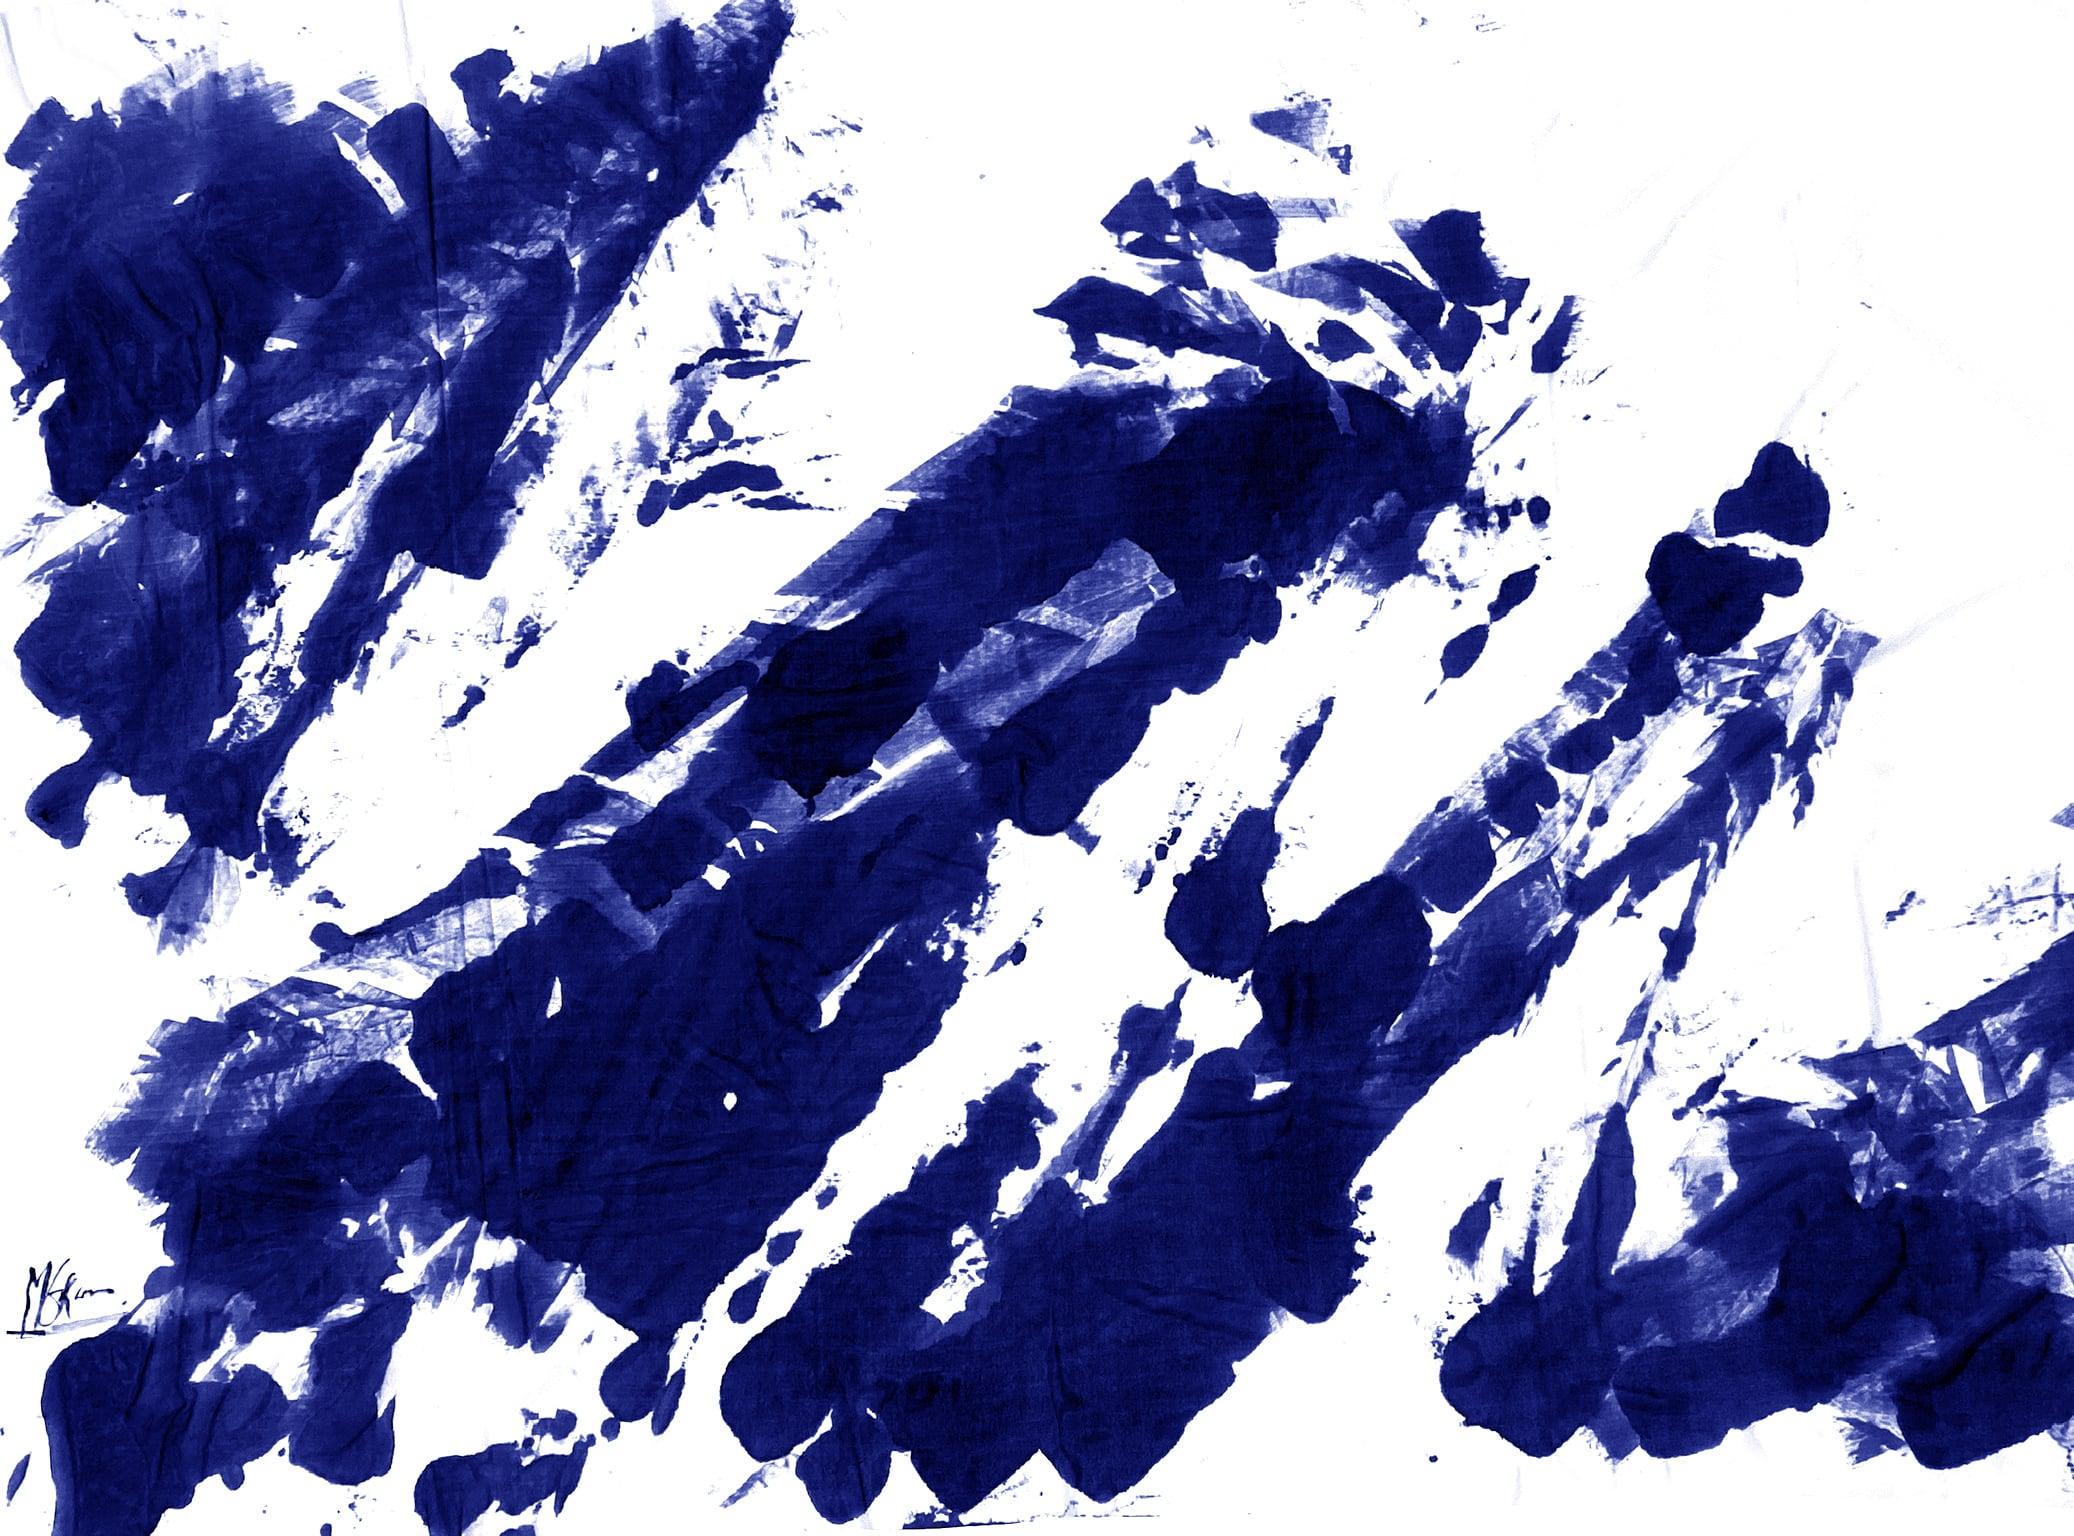 [売約済][着るアートストール]PLAIN CORNICE STOLE【SILKシルク】1117SILK-HP61 [登録意匠][送料/税込]